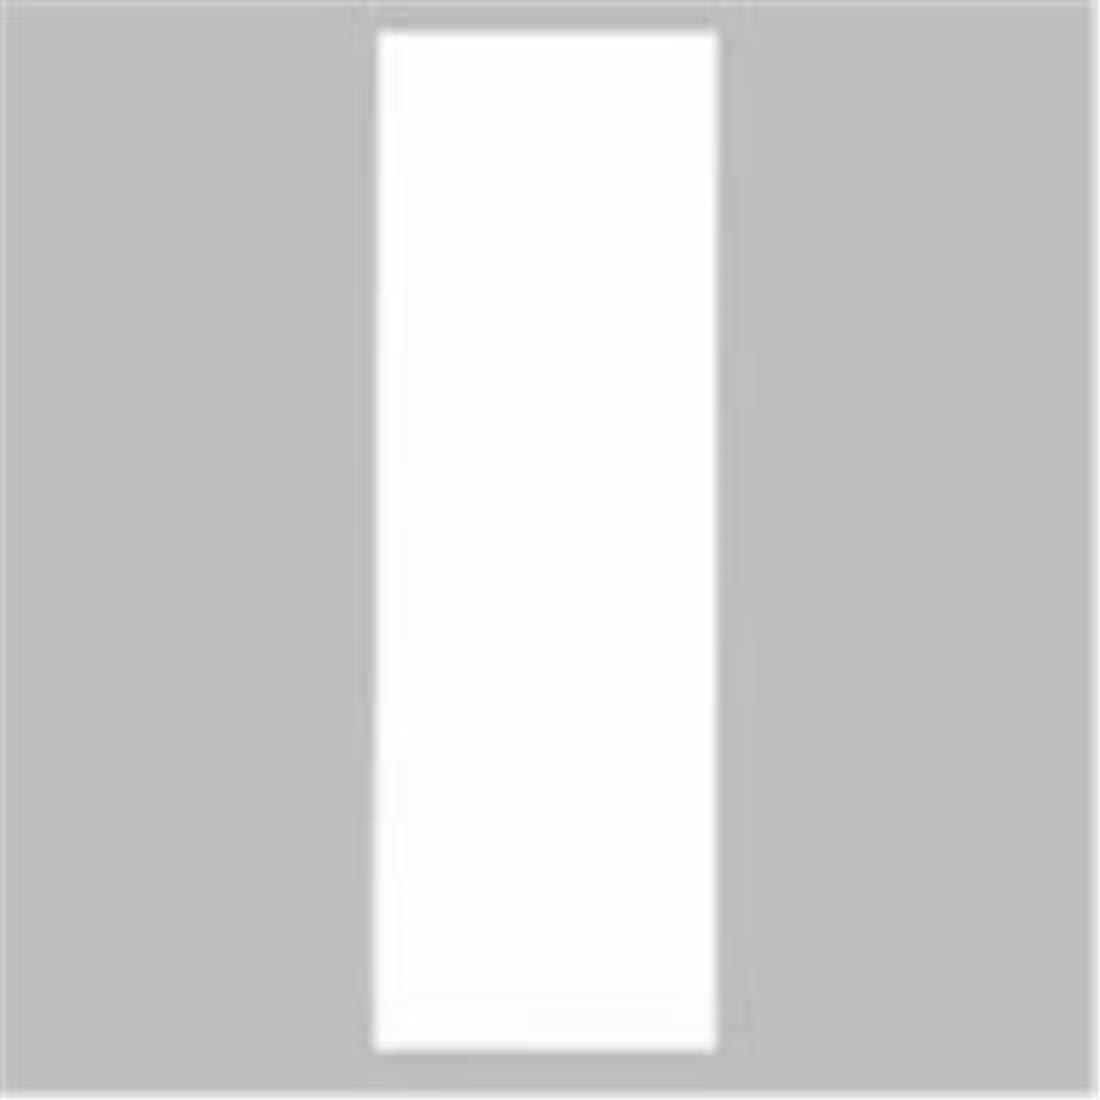 【激安大特価!】  生活日用品 (業務用200セット) 光 ユニプレート B074MMB4QK UP515-N 白 生活日用品 ユニプレート B074MMB4QK, エムズジーンズ:0e234ab1 --- a0267596.xsph.ru